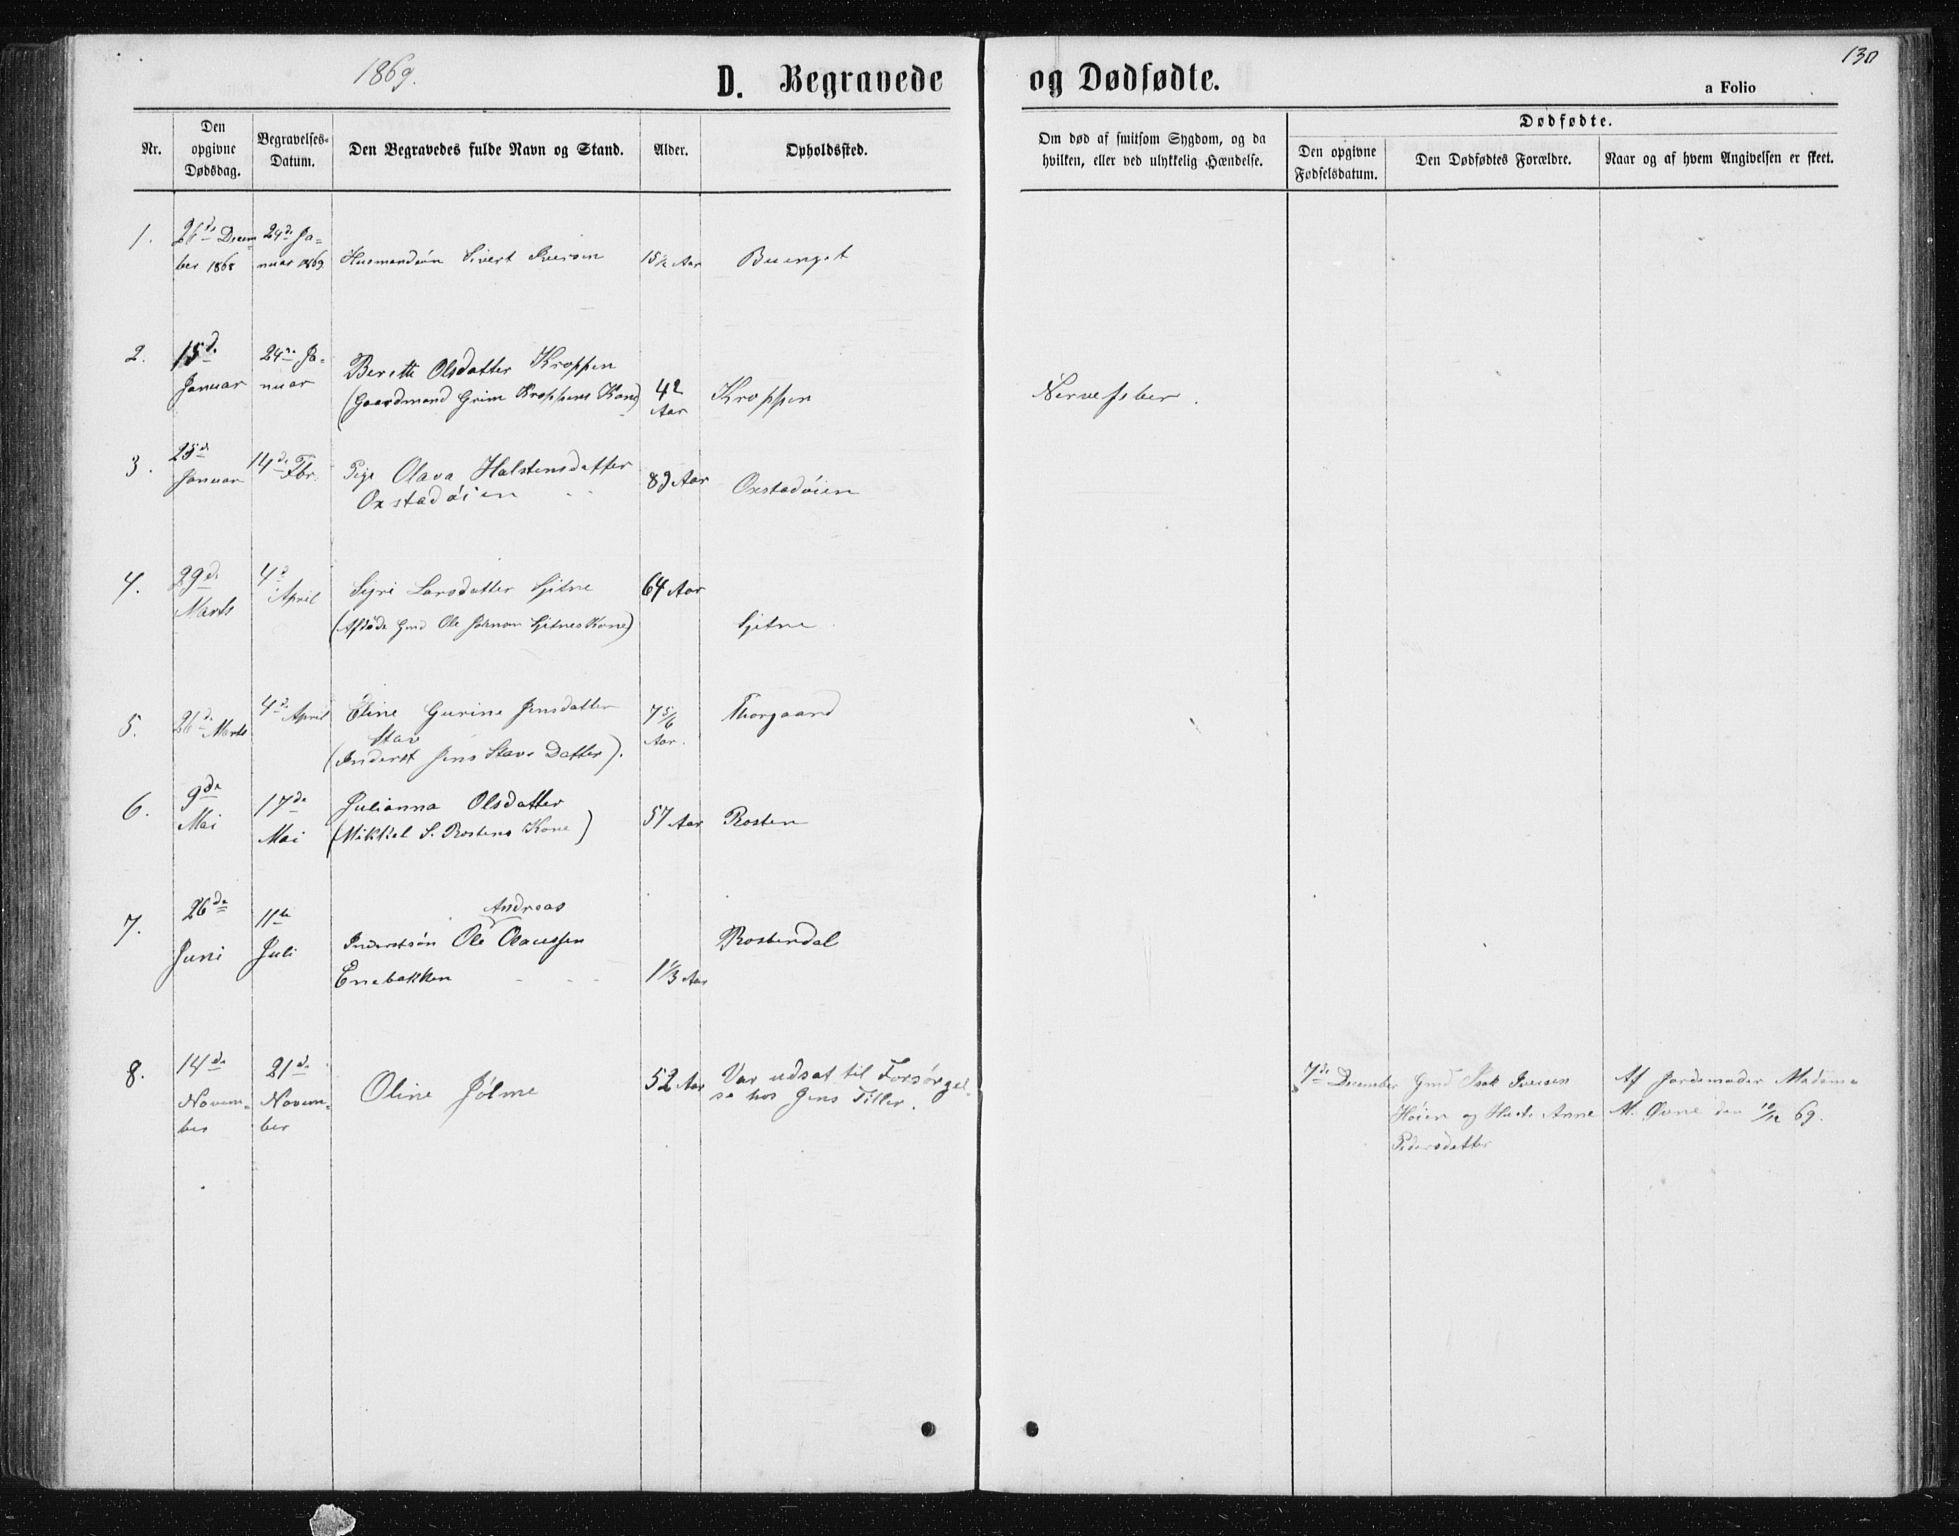 SAT, Ministerialprotokoller, klokkerbøker og fødselsregistre - Sør-Trøndelag, 621/L0459: Klokkerbok nr. 621C02, 1866-1895, s. 130